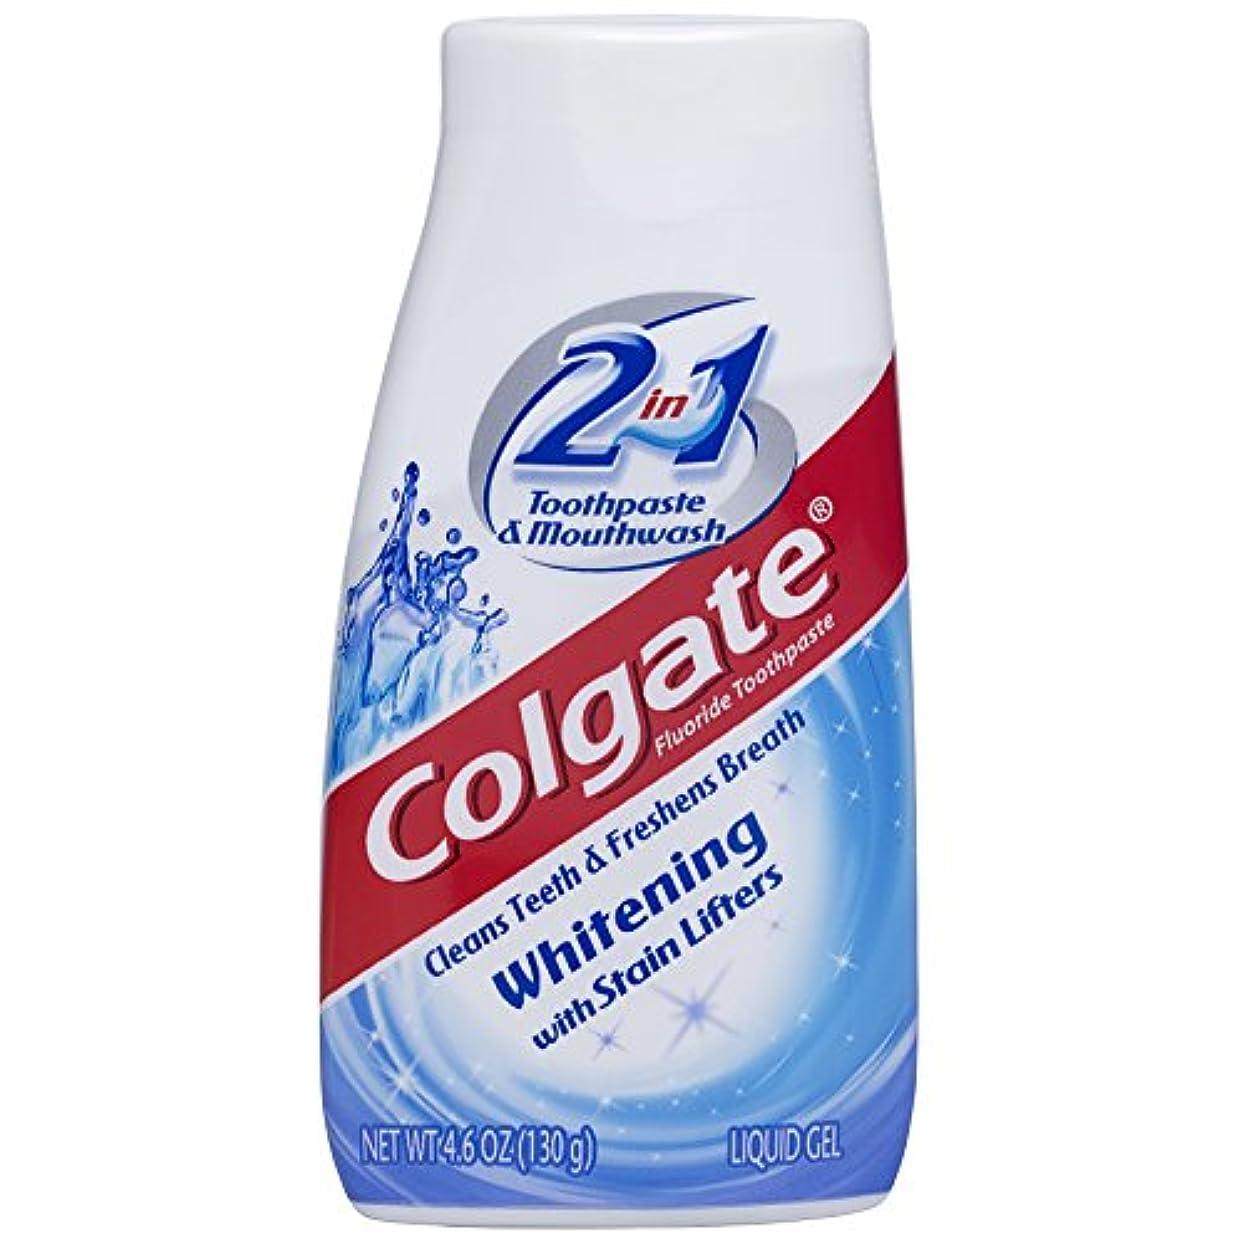 頑固なリスキーな緩む海外直送品Colgate 2 In 1 Toothpaste & Mouthwash Whitening, 4.6 oz by Colgate